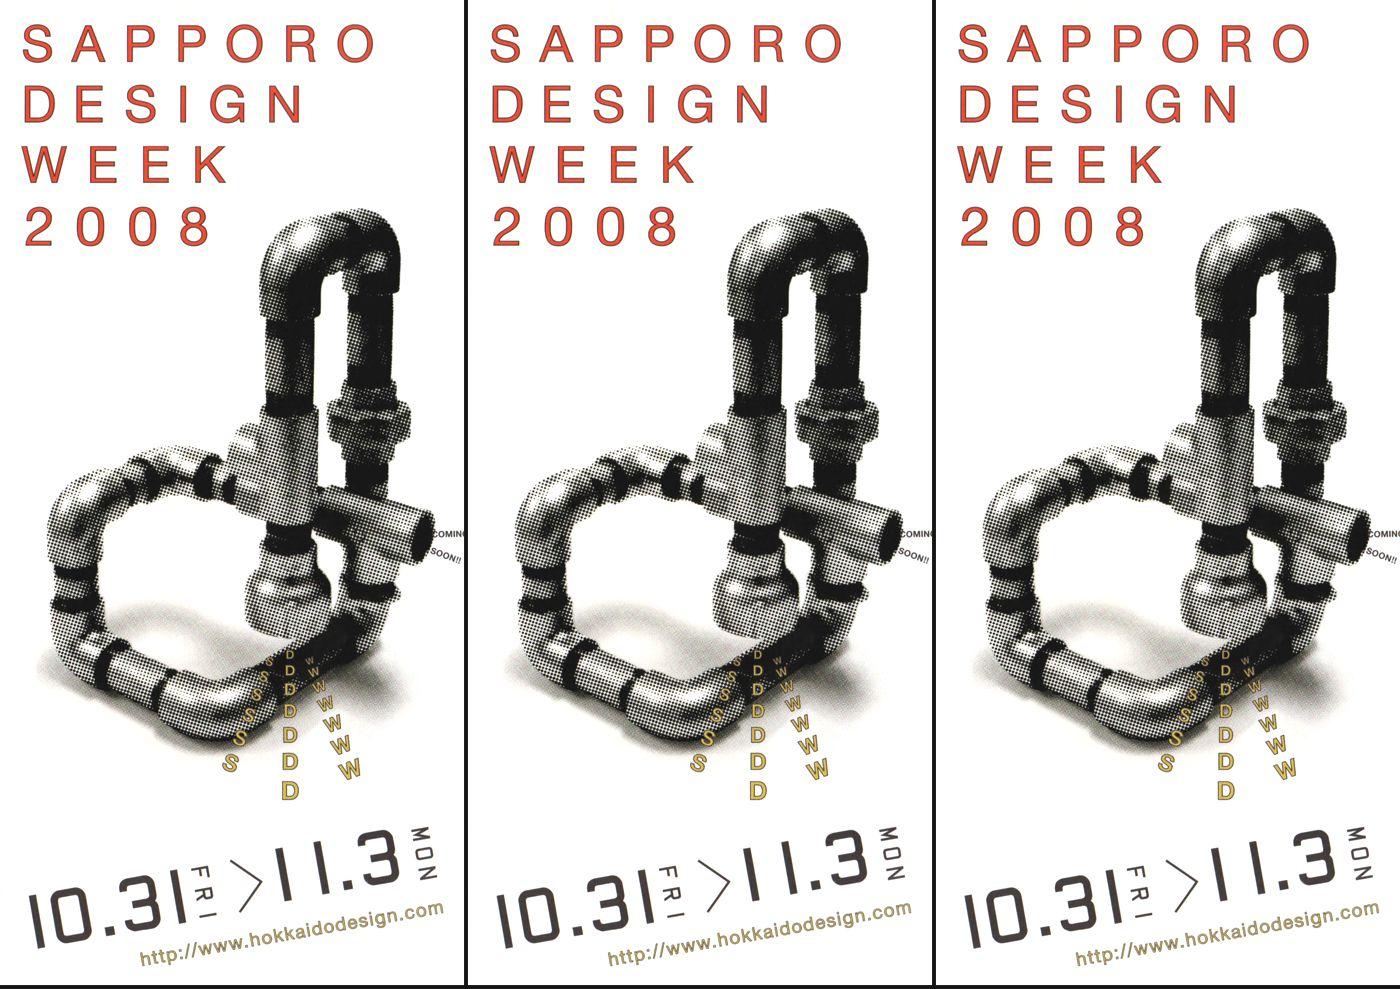 SAPPORO DESIGNER´S WEEK 2008